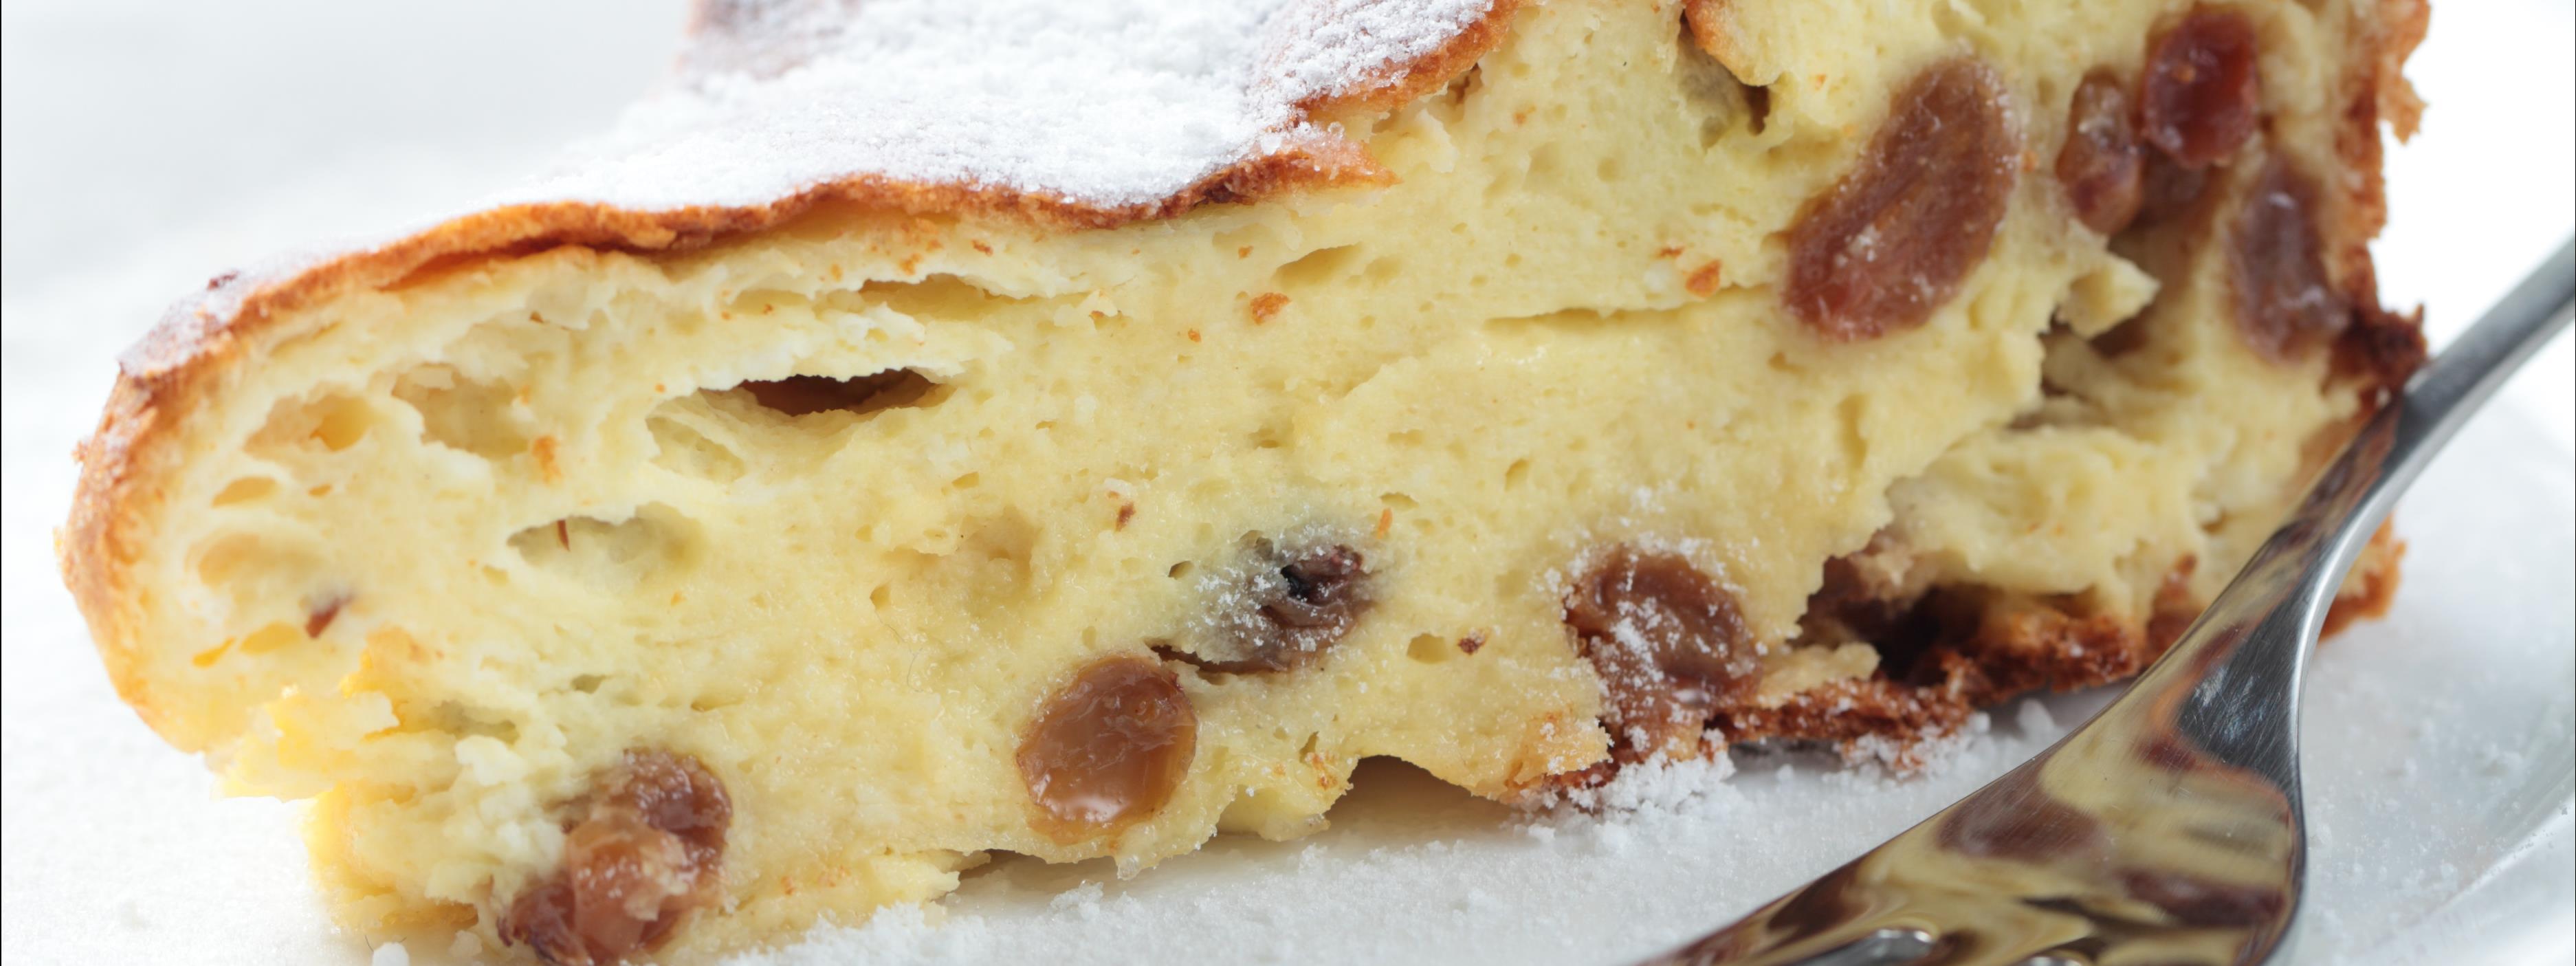 Receita: Cheesecake de panetone 18